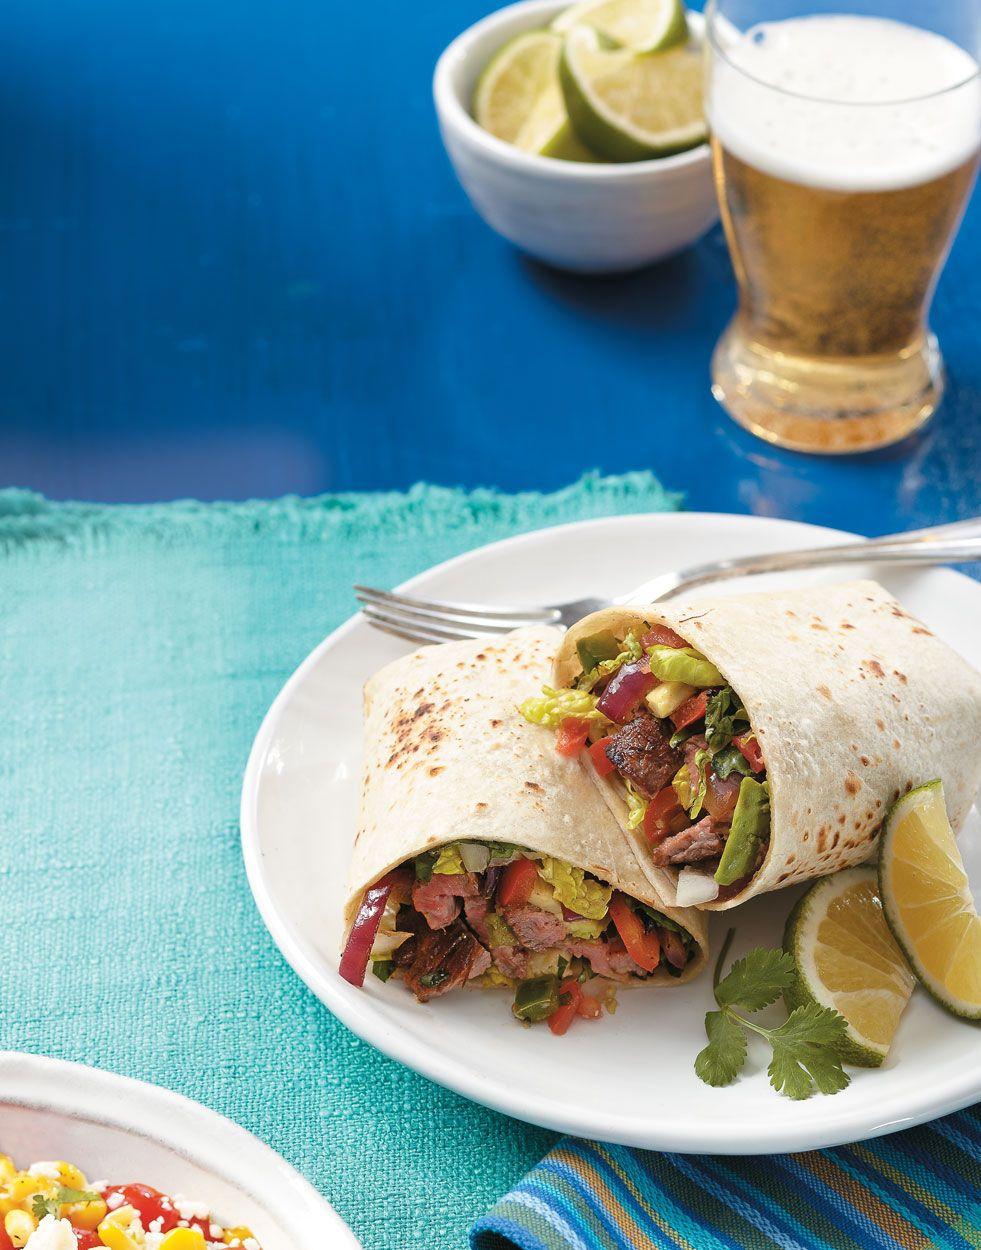 albertos mexican food nutrition facts